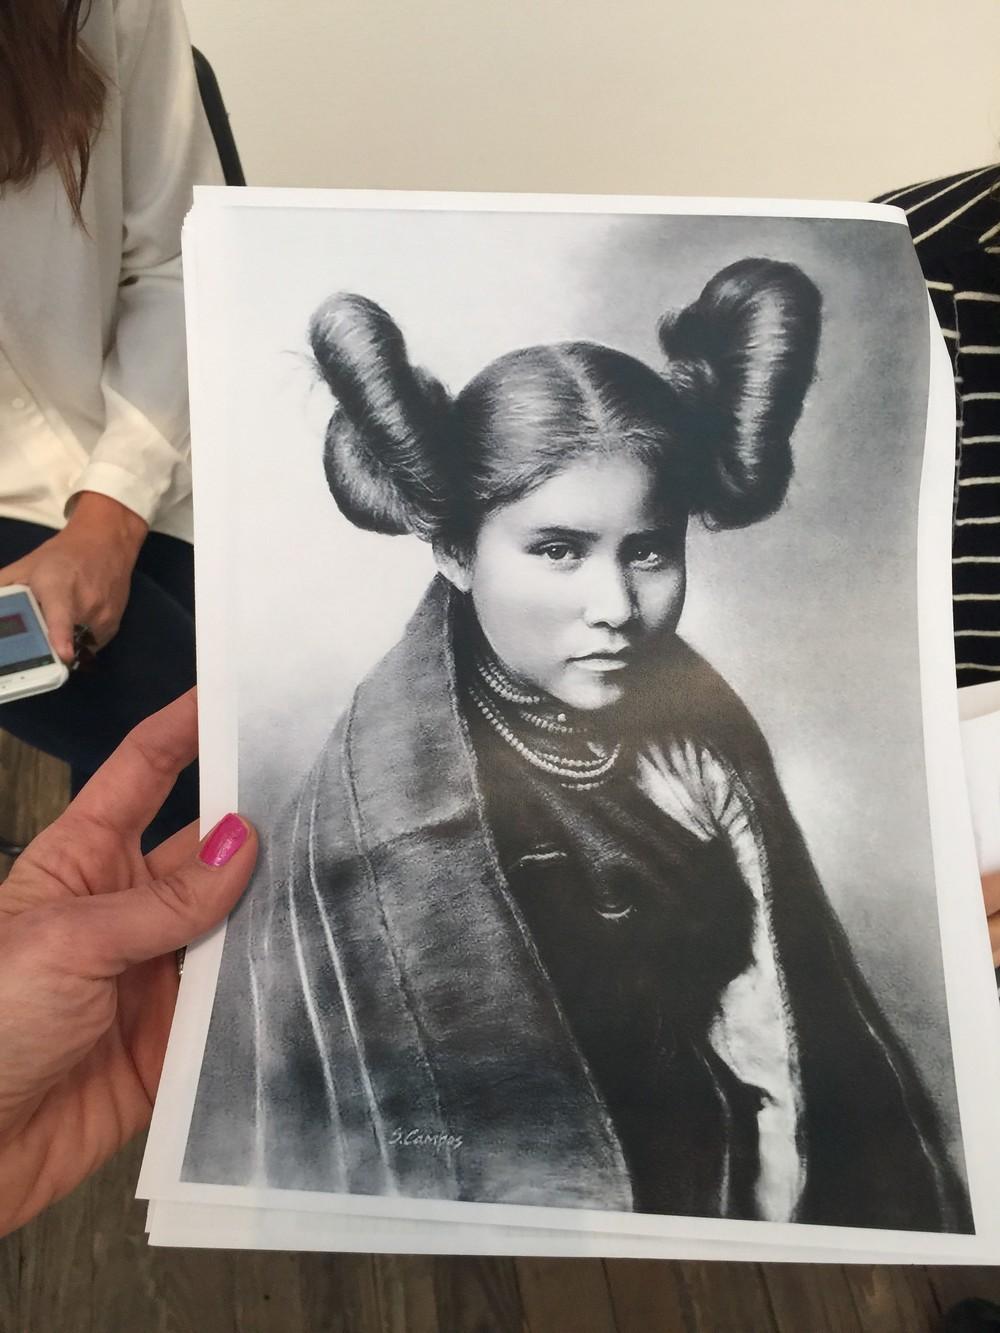 Maria-Brito_Adriana-Varejao-16.jpg